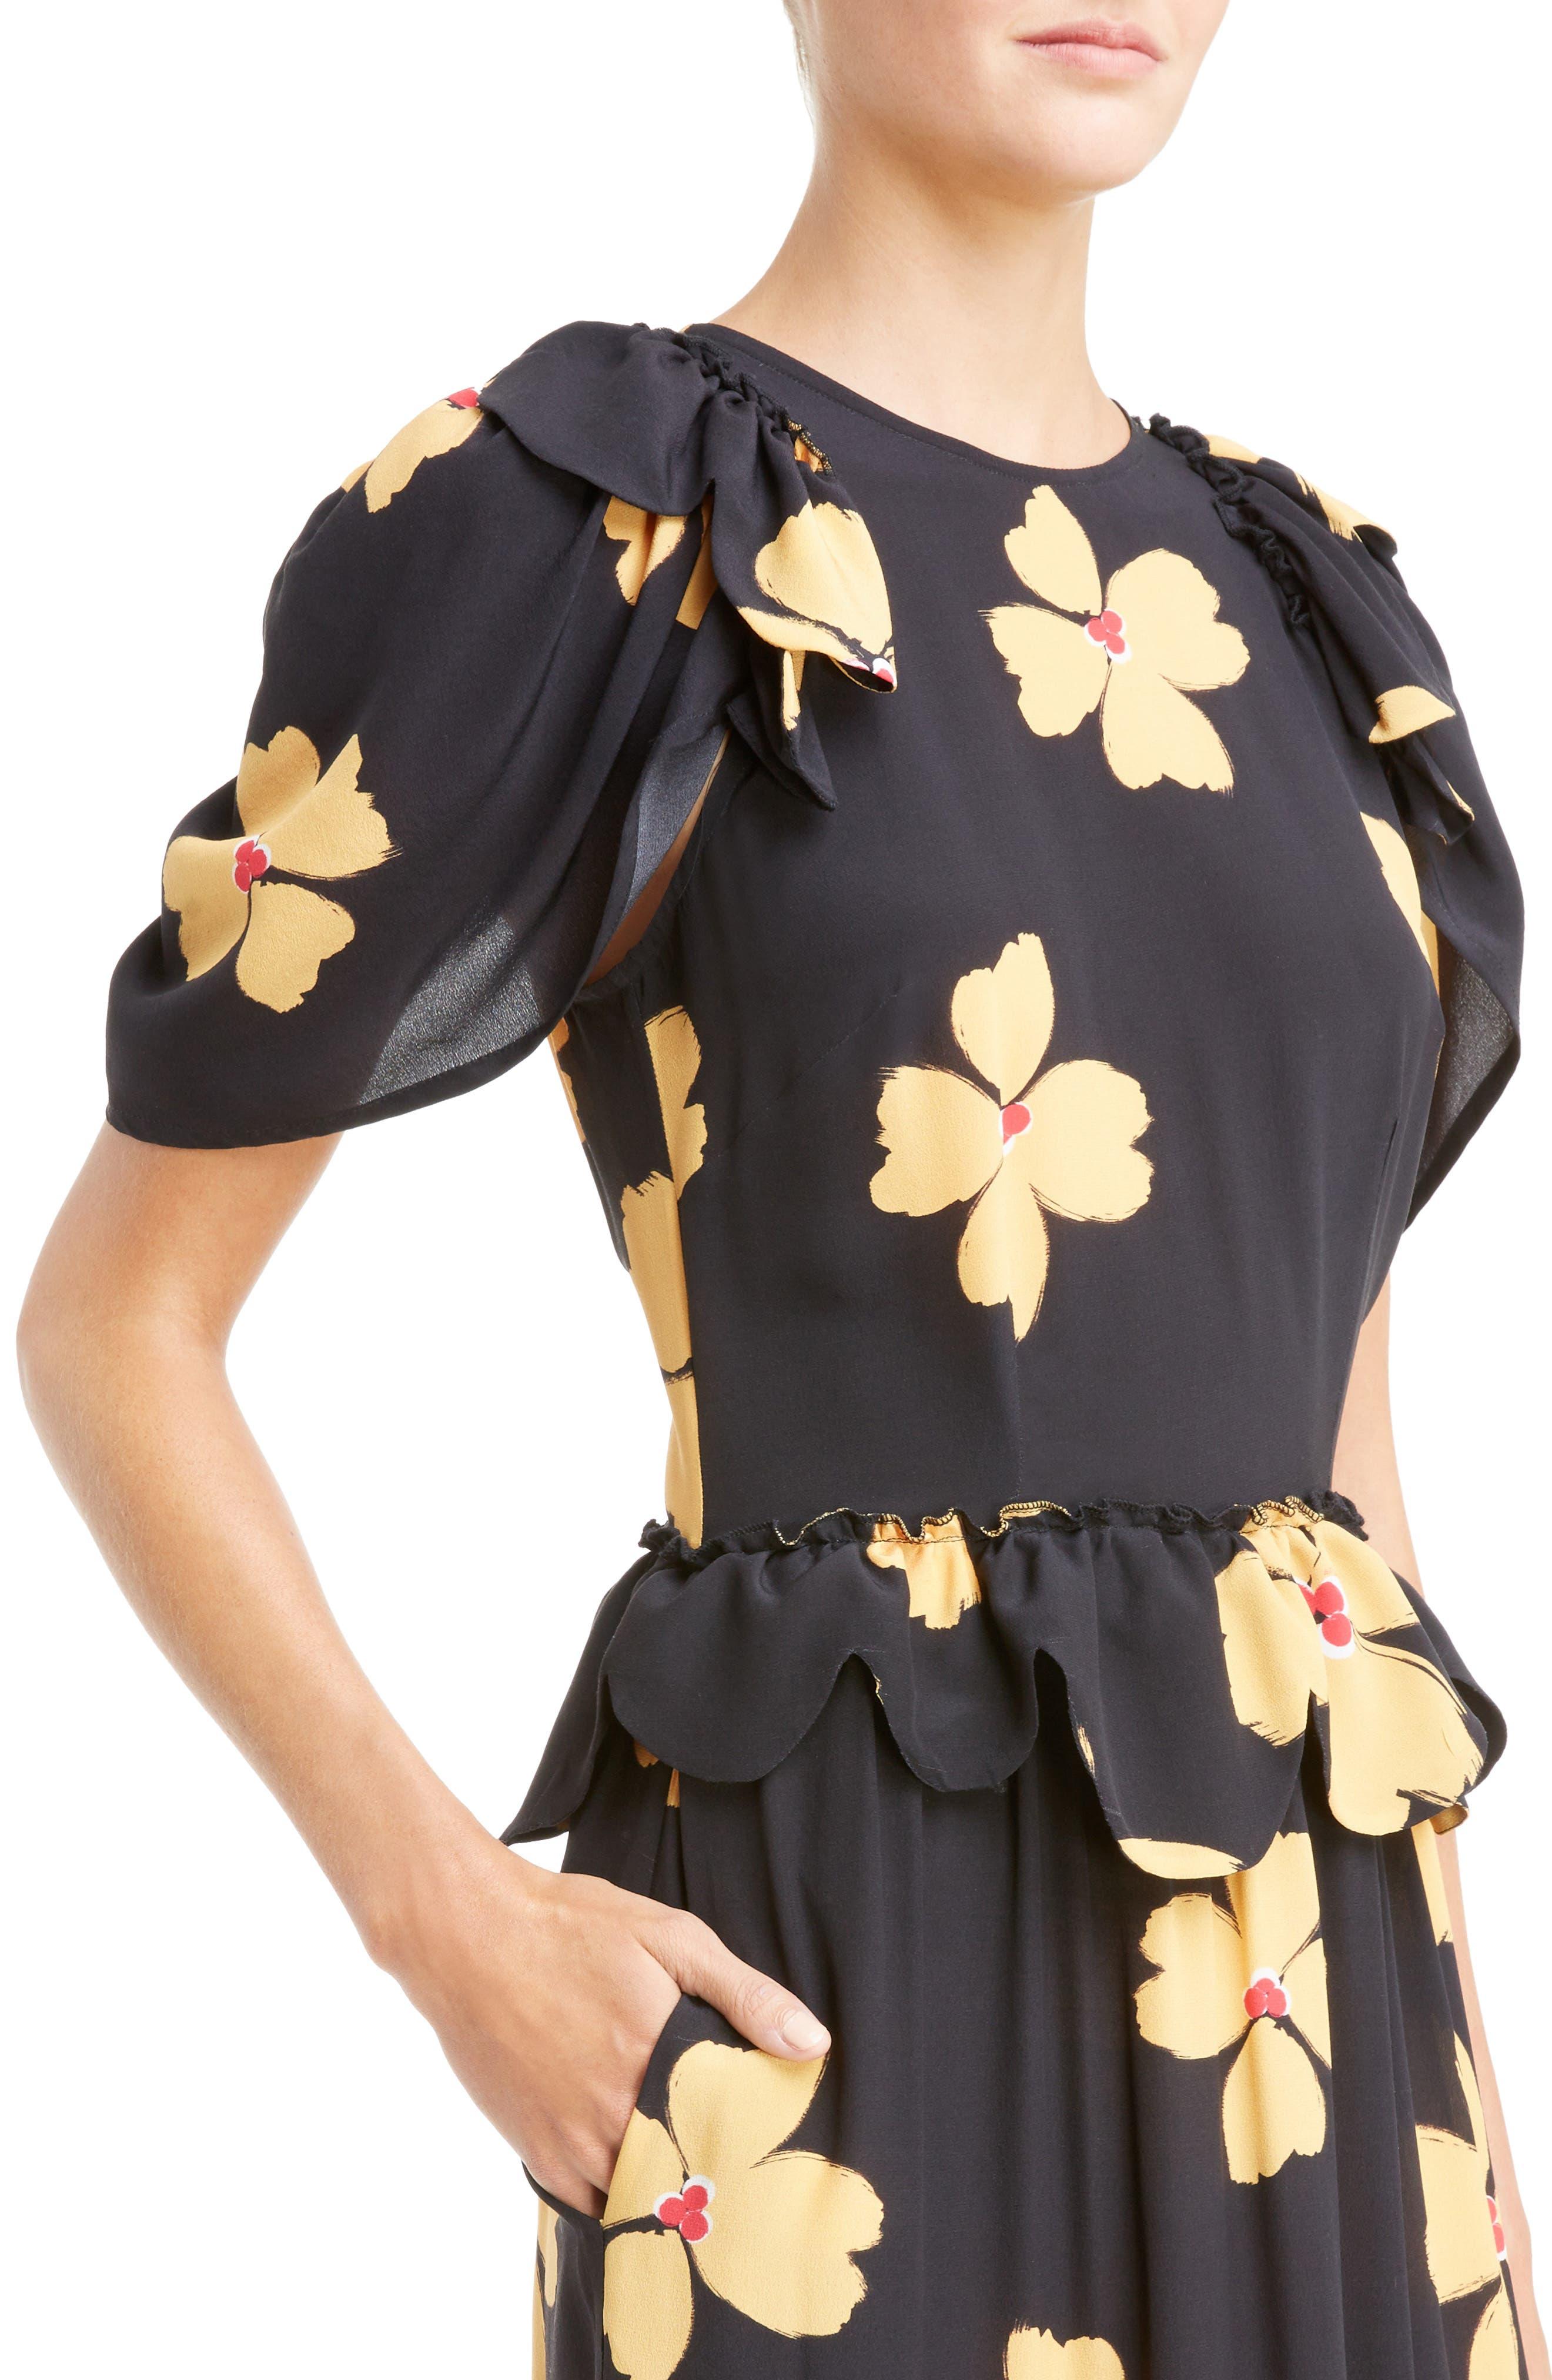 Scallop Trim Floral Silk Dress,                             Alternate thumbnail 4, color,                             Black Clementine